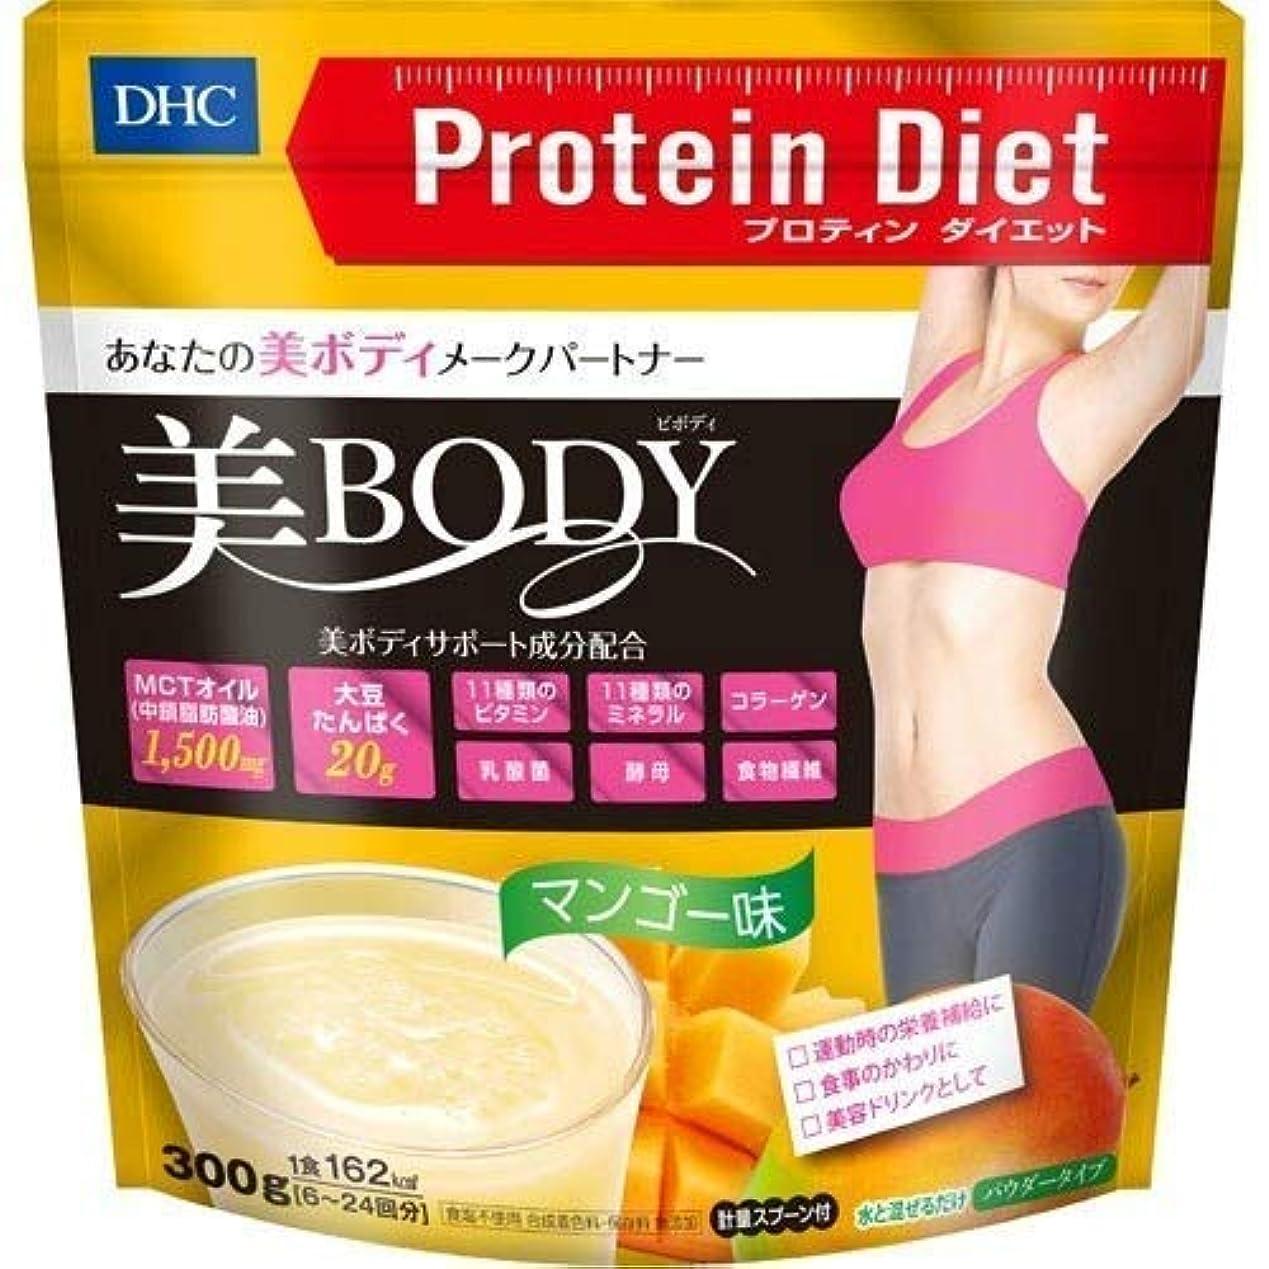 報復する陰謀始めるDHC プロテインダイエット 美Body マンゴー味 300g×2個